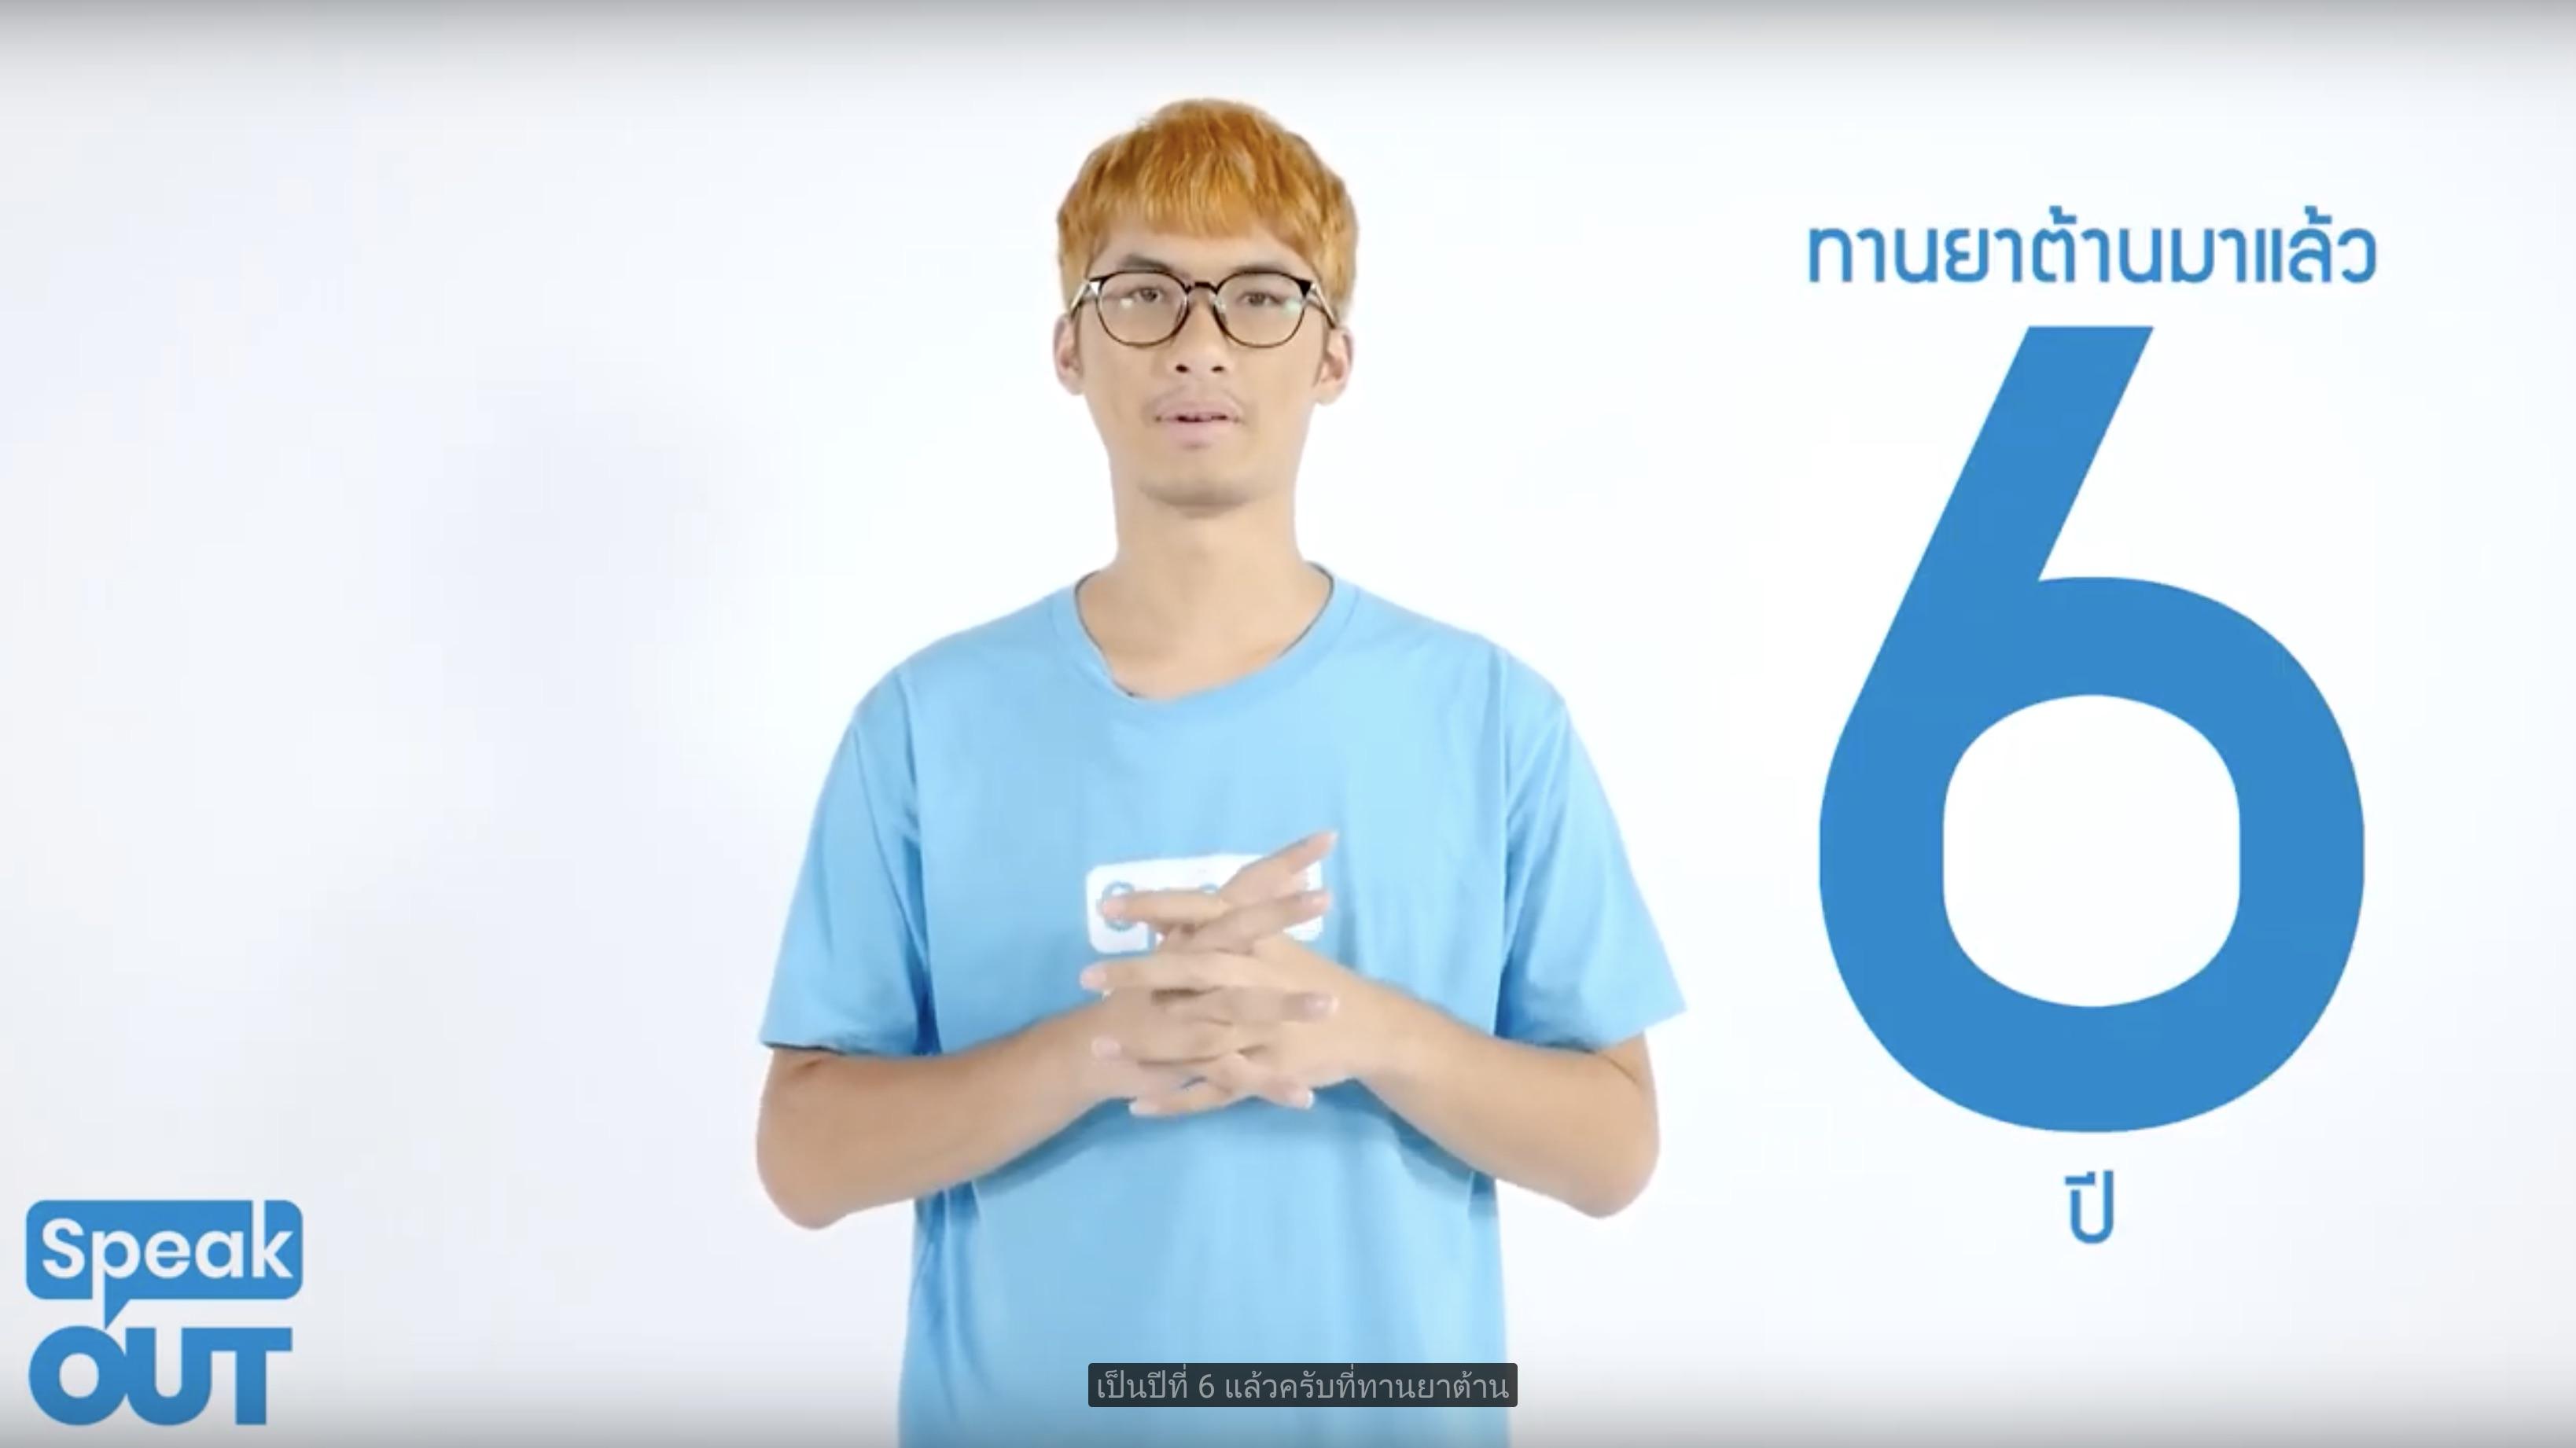 thai u=u 2